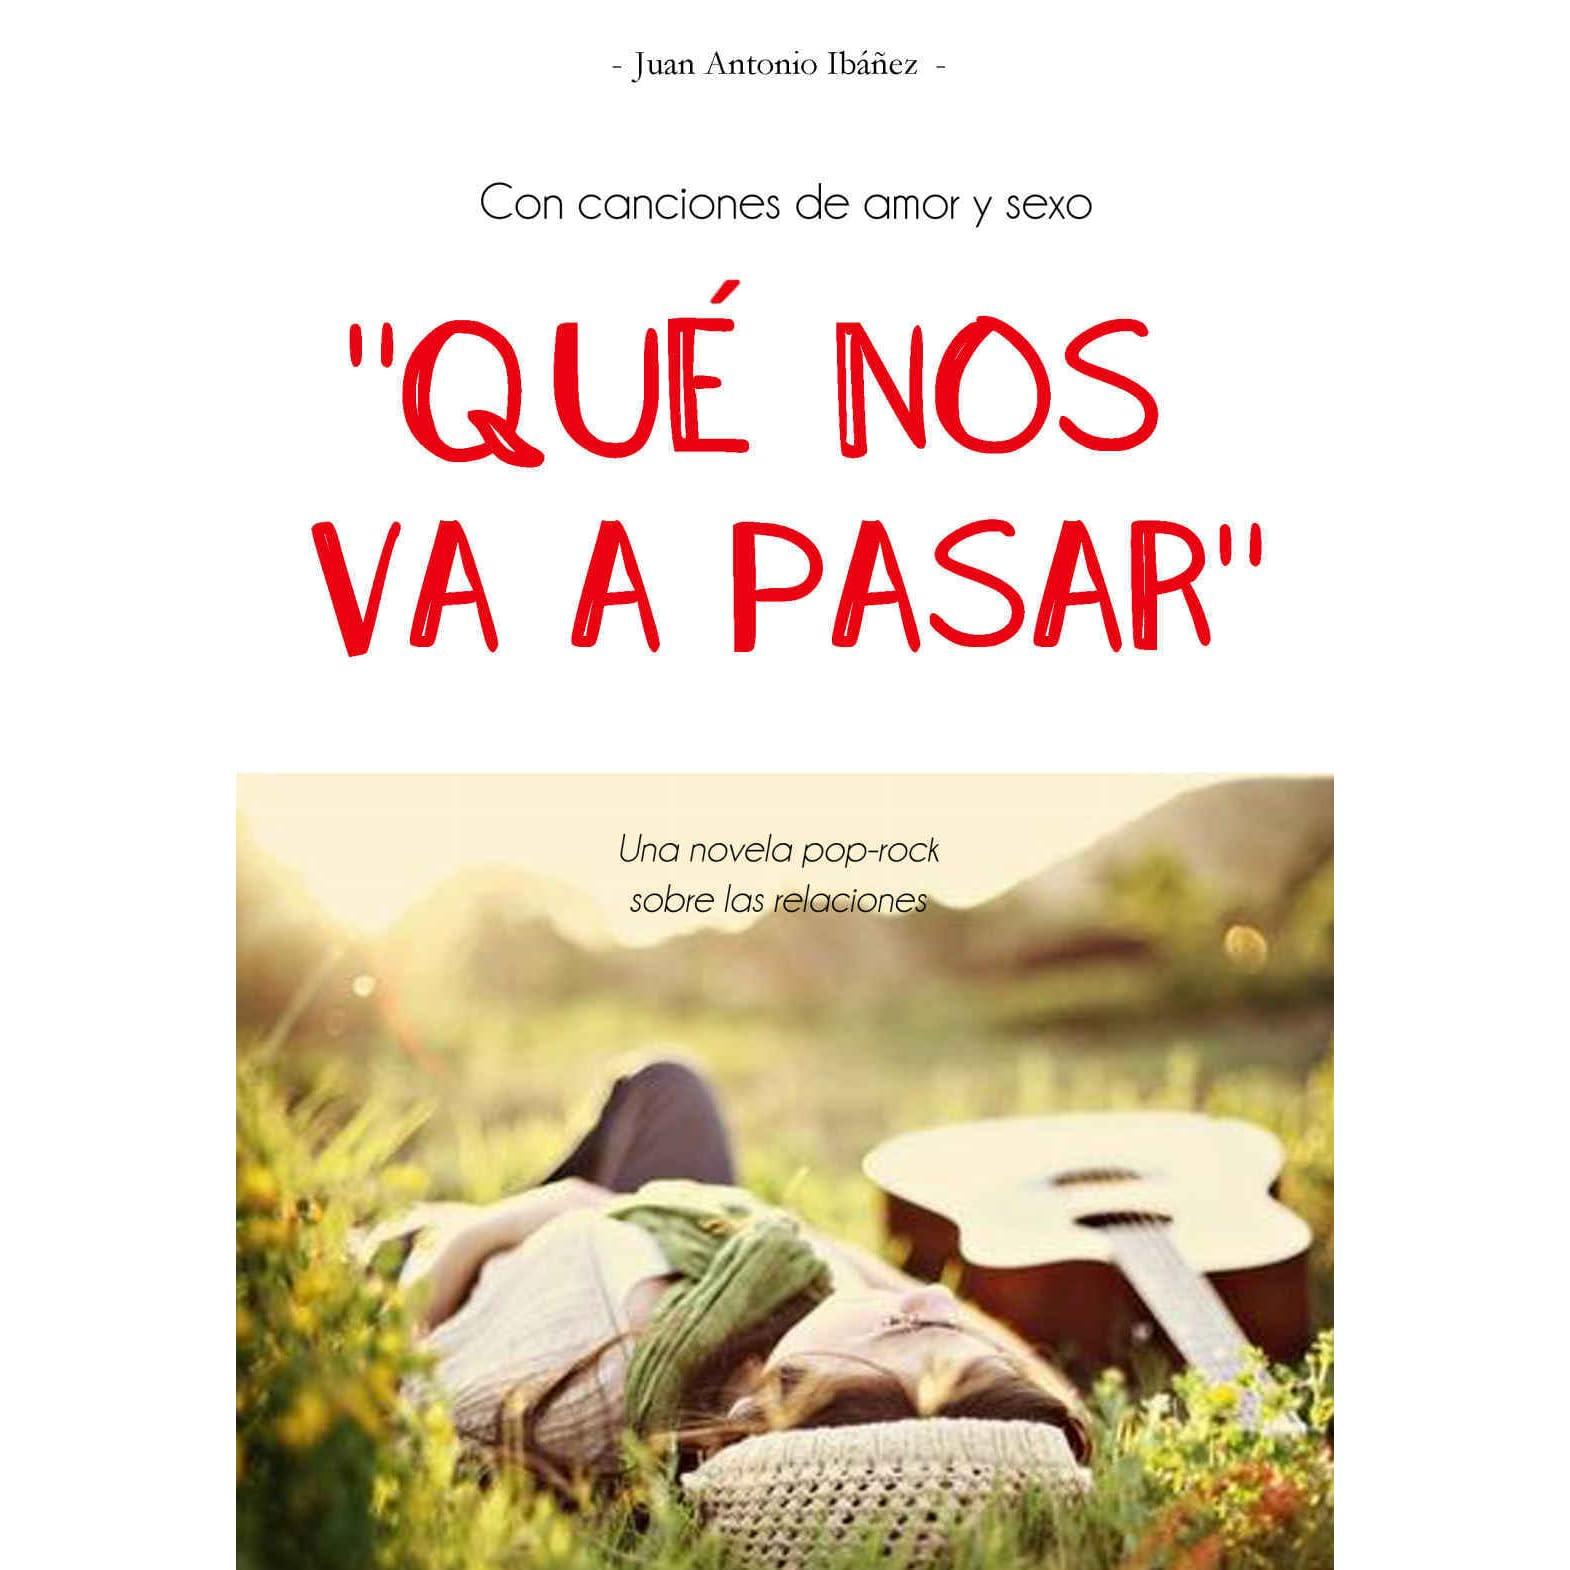 60 Frases De Pablo Alboran Que Te Emocionaran Con Imagenes Rock